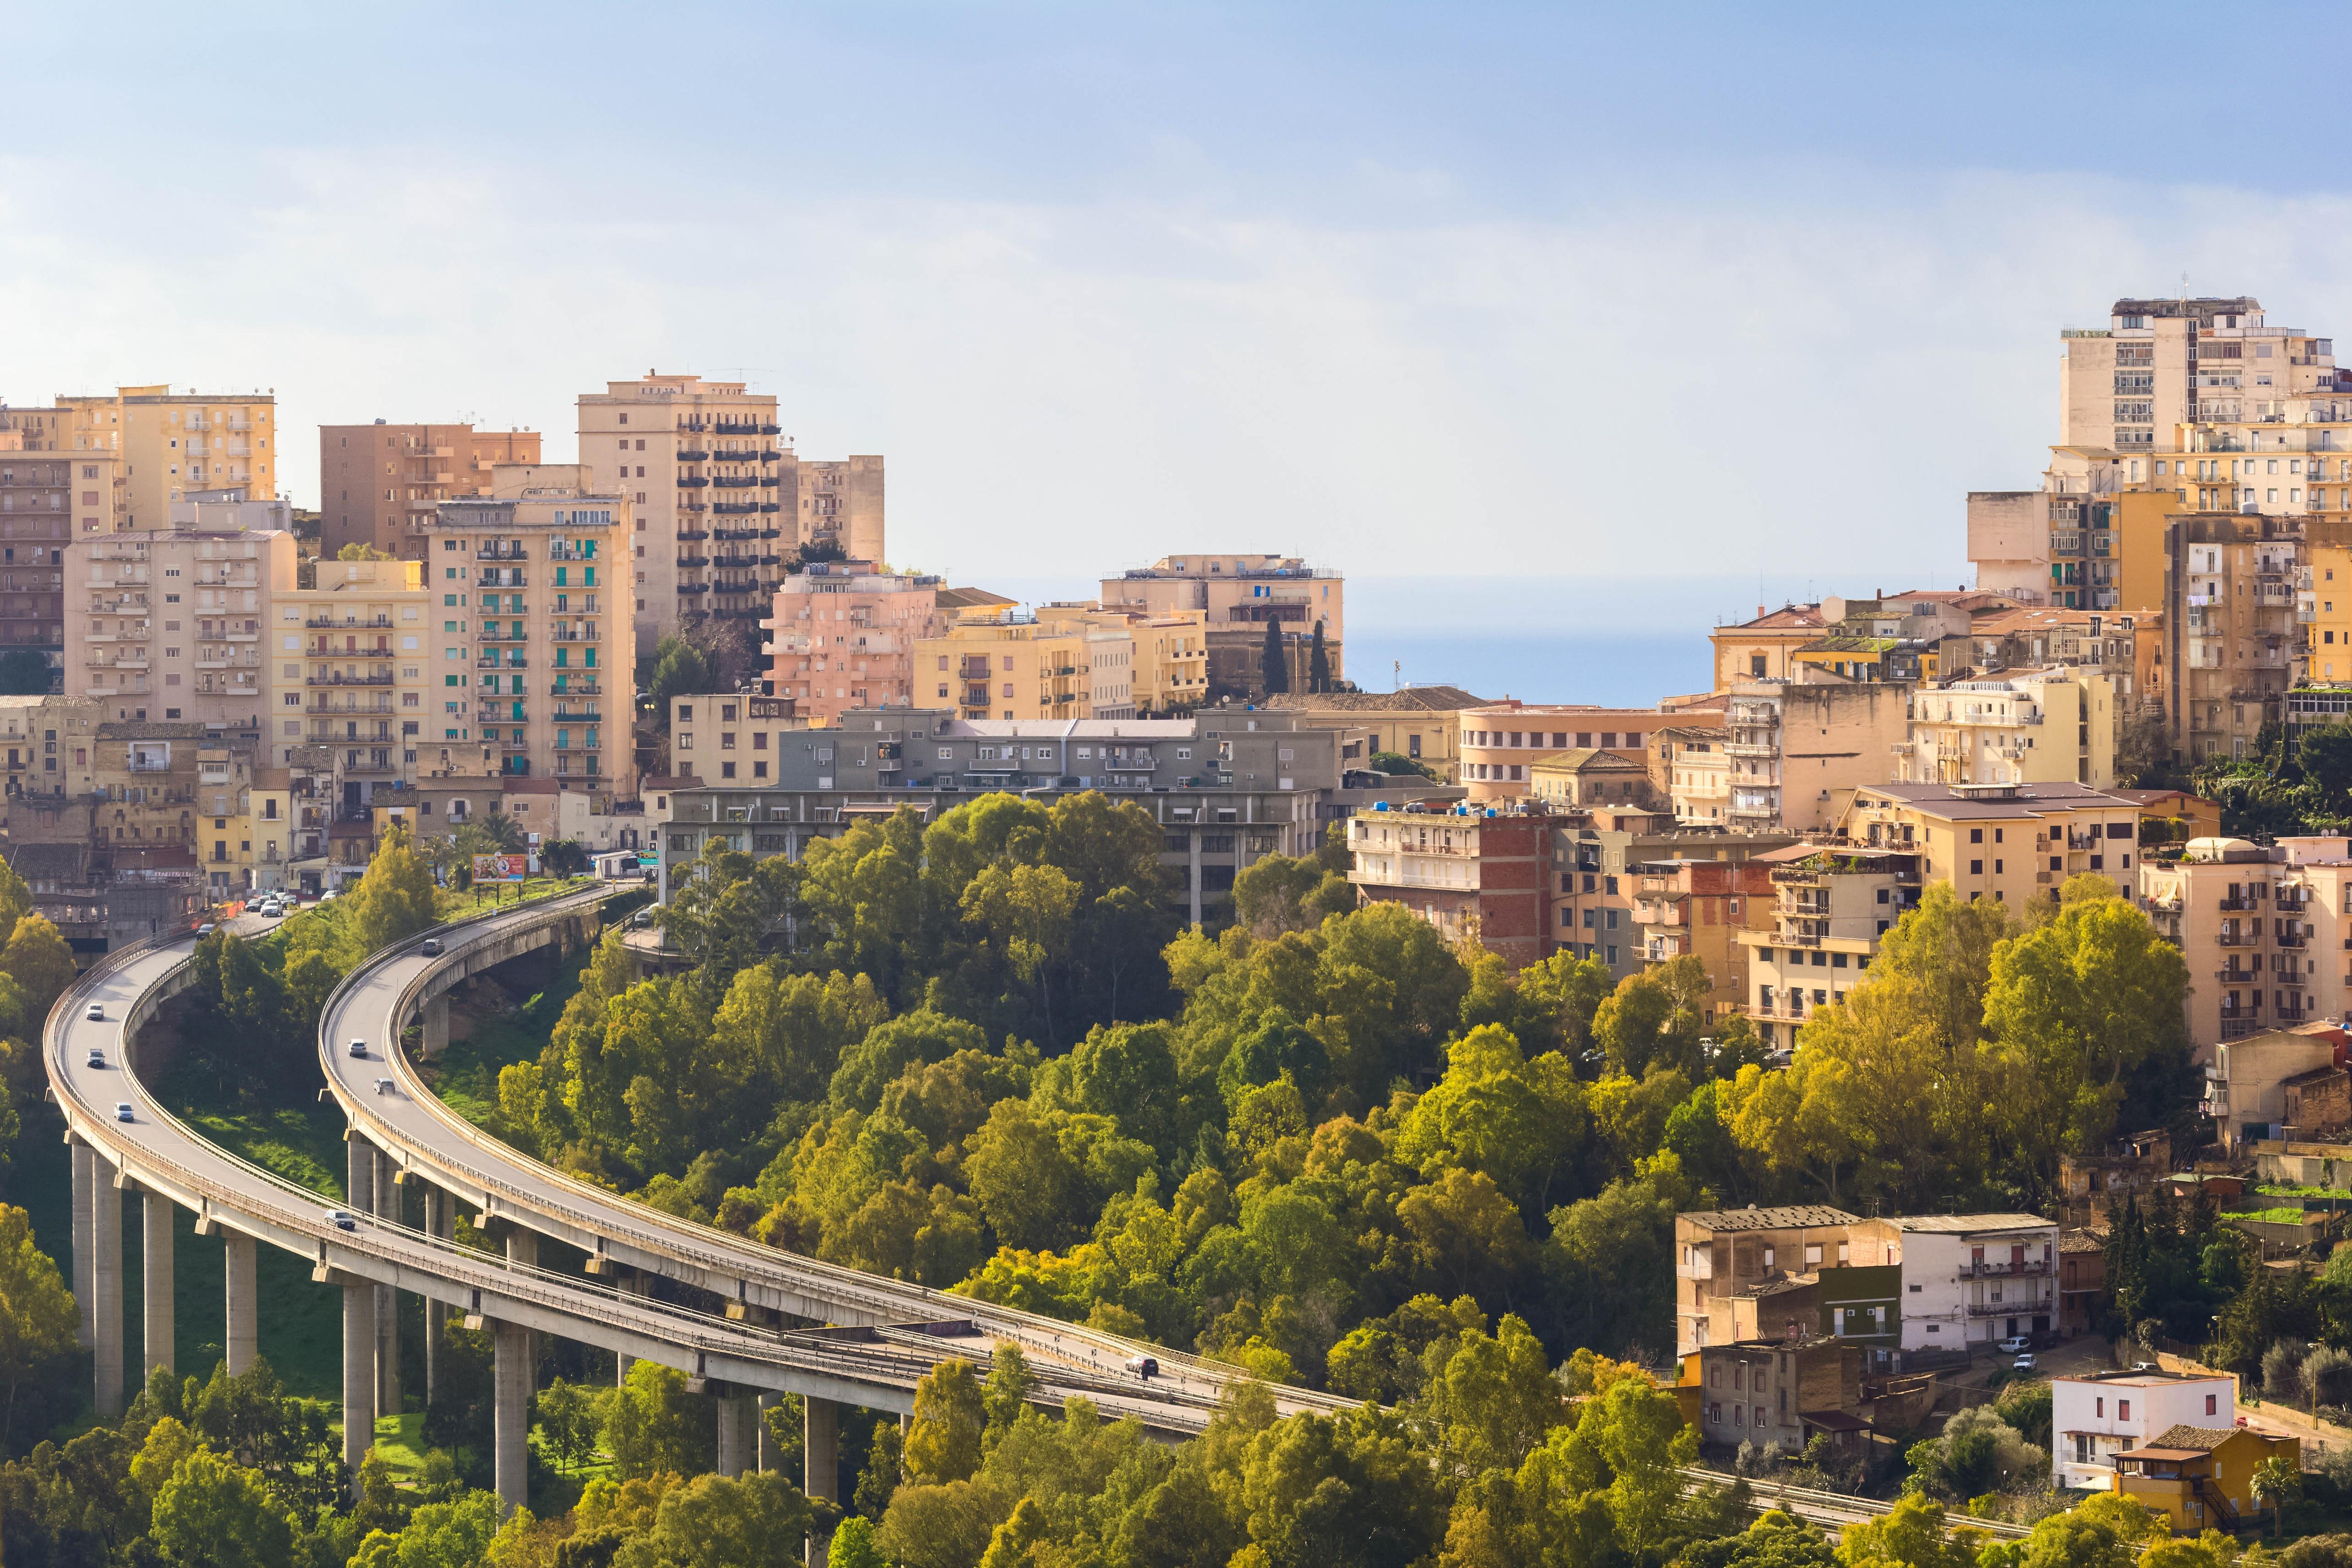 أجريجينتو, إيطاليا